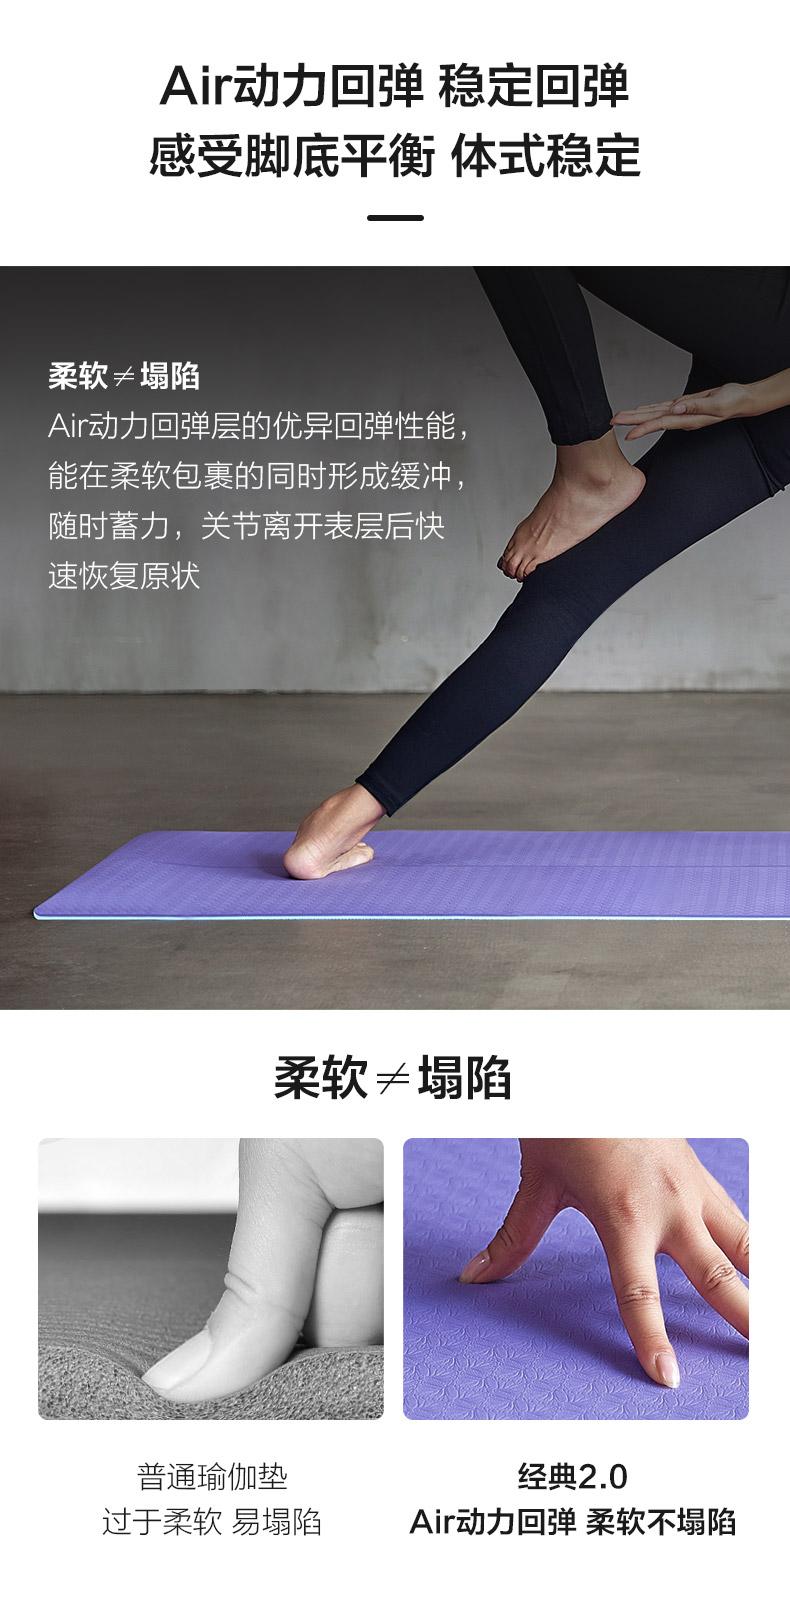 瑜伽垫弹性展示